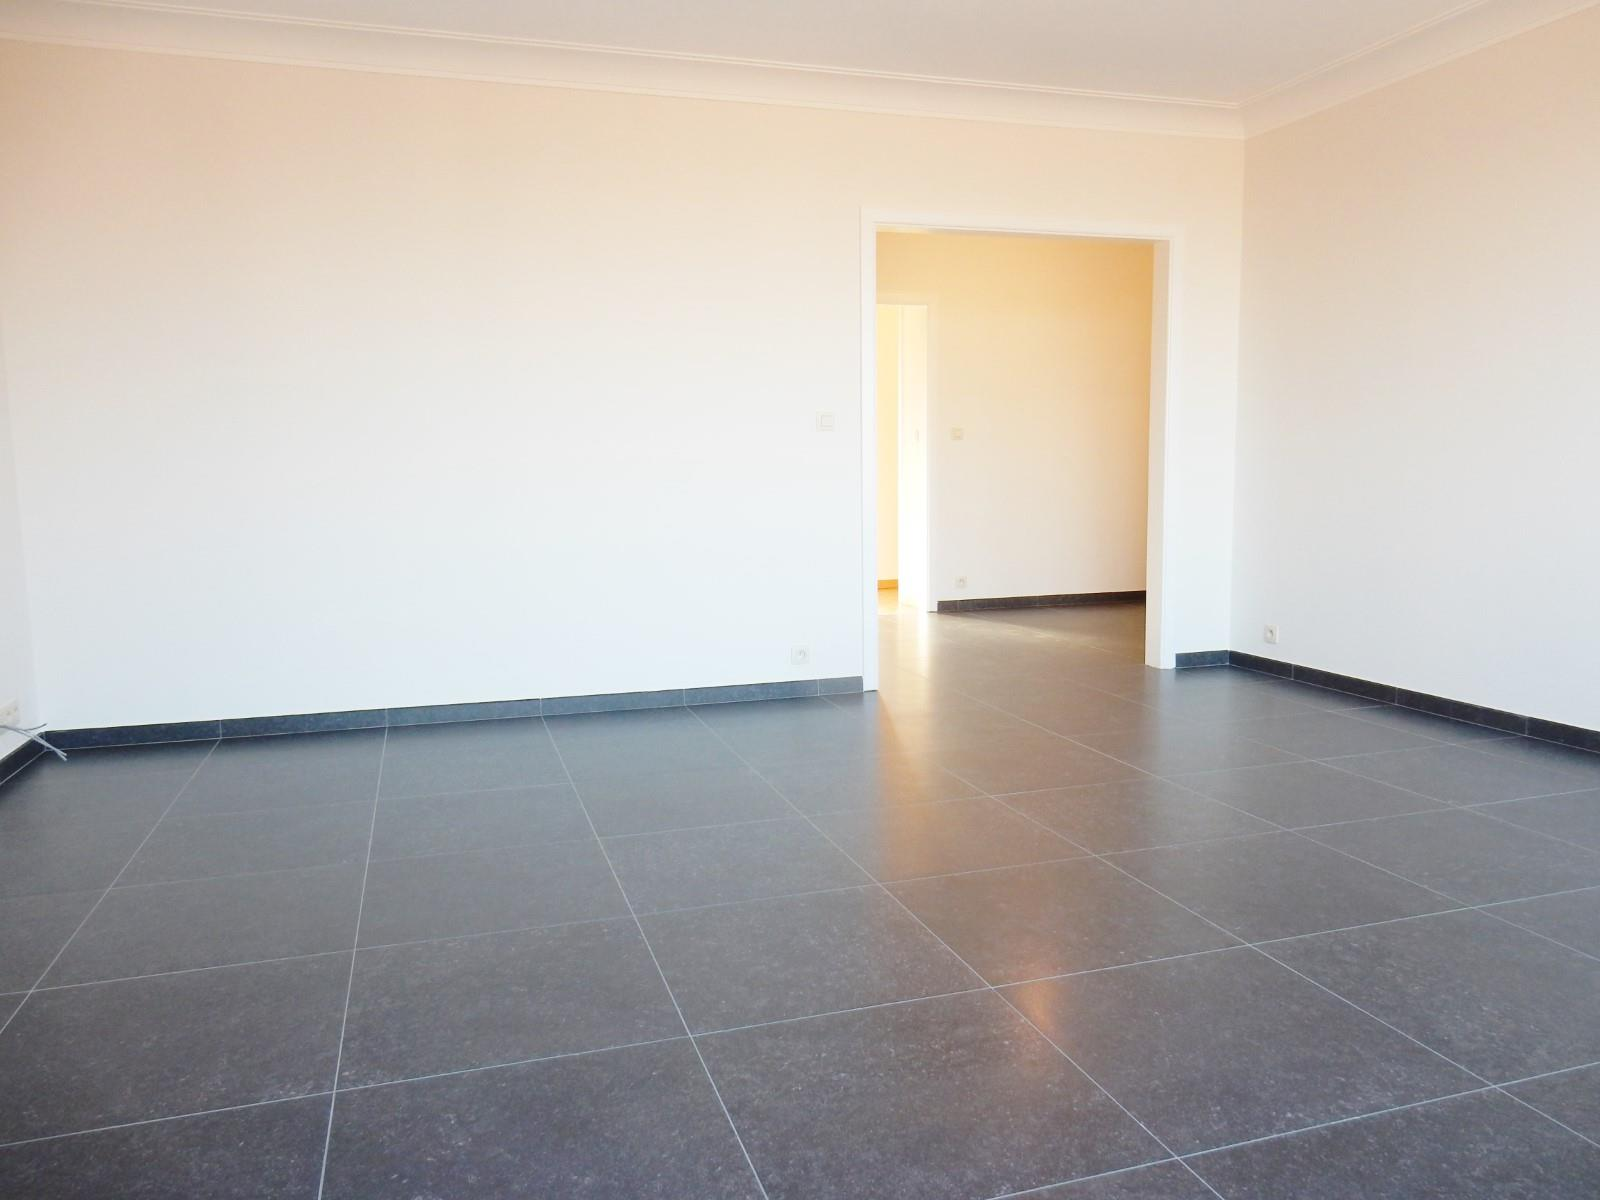 Flat - Schaerbeek - #3798122-1